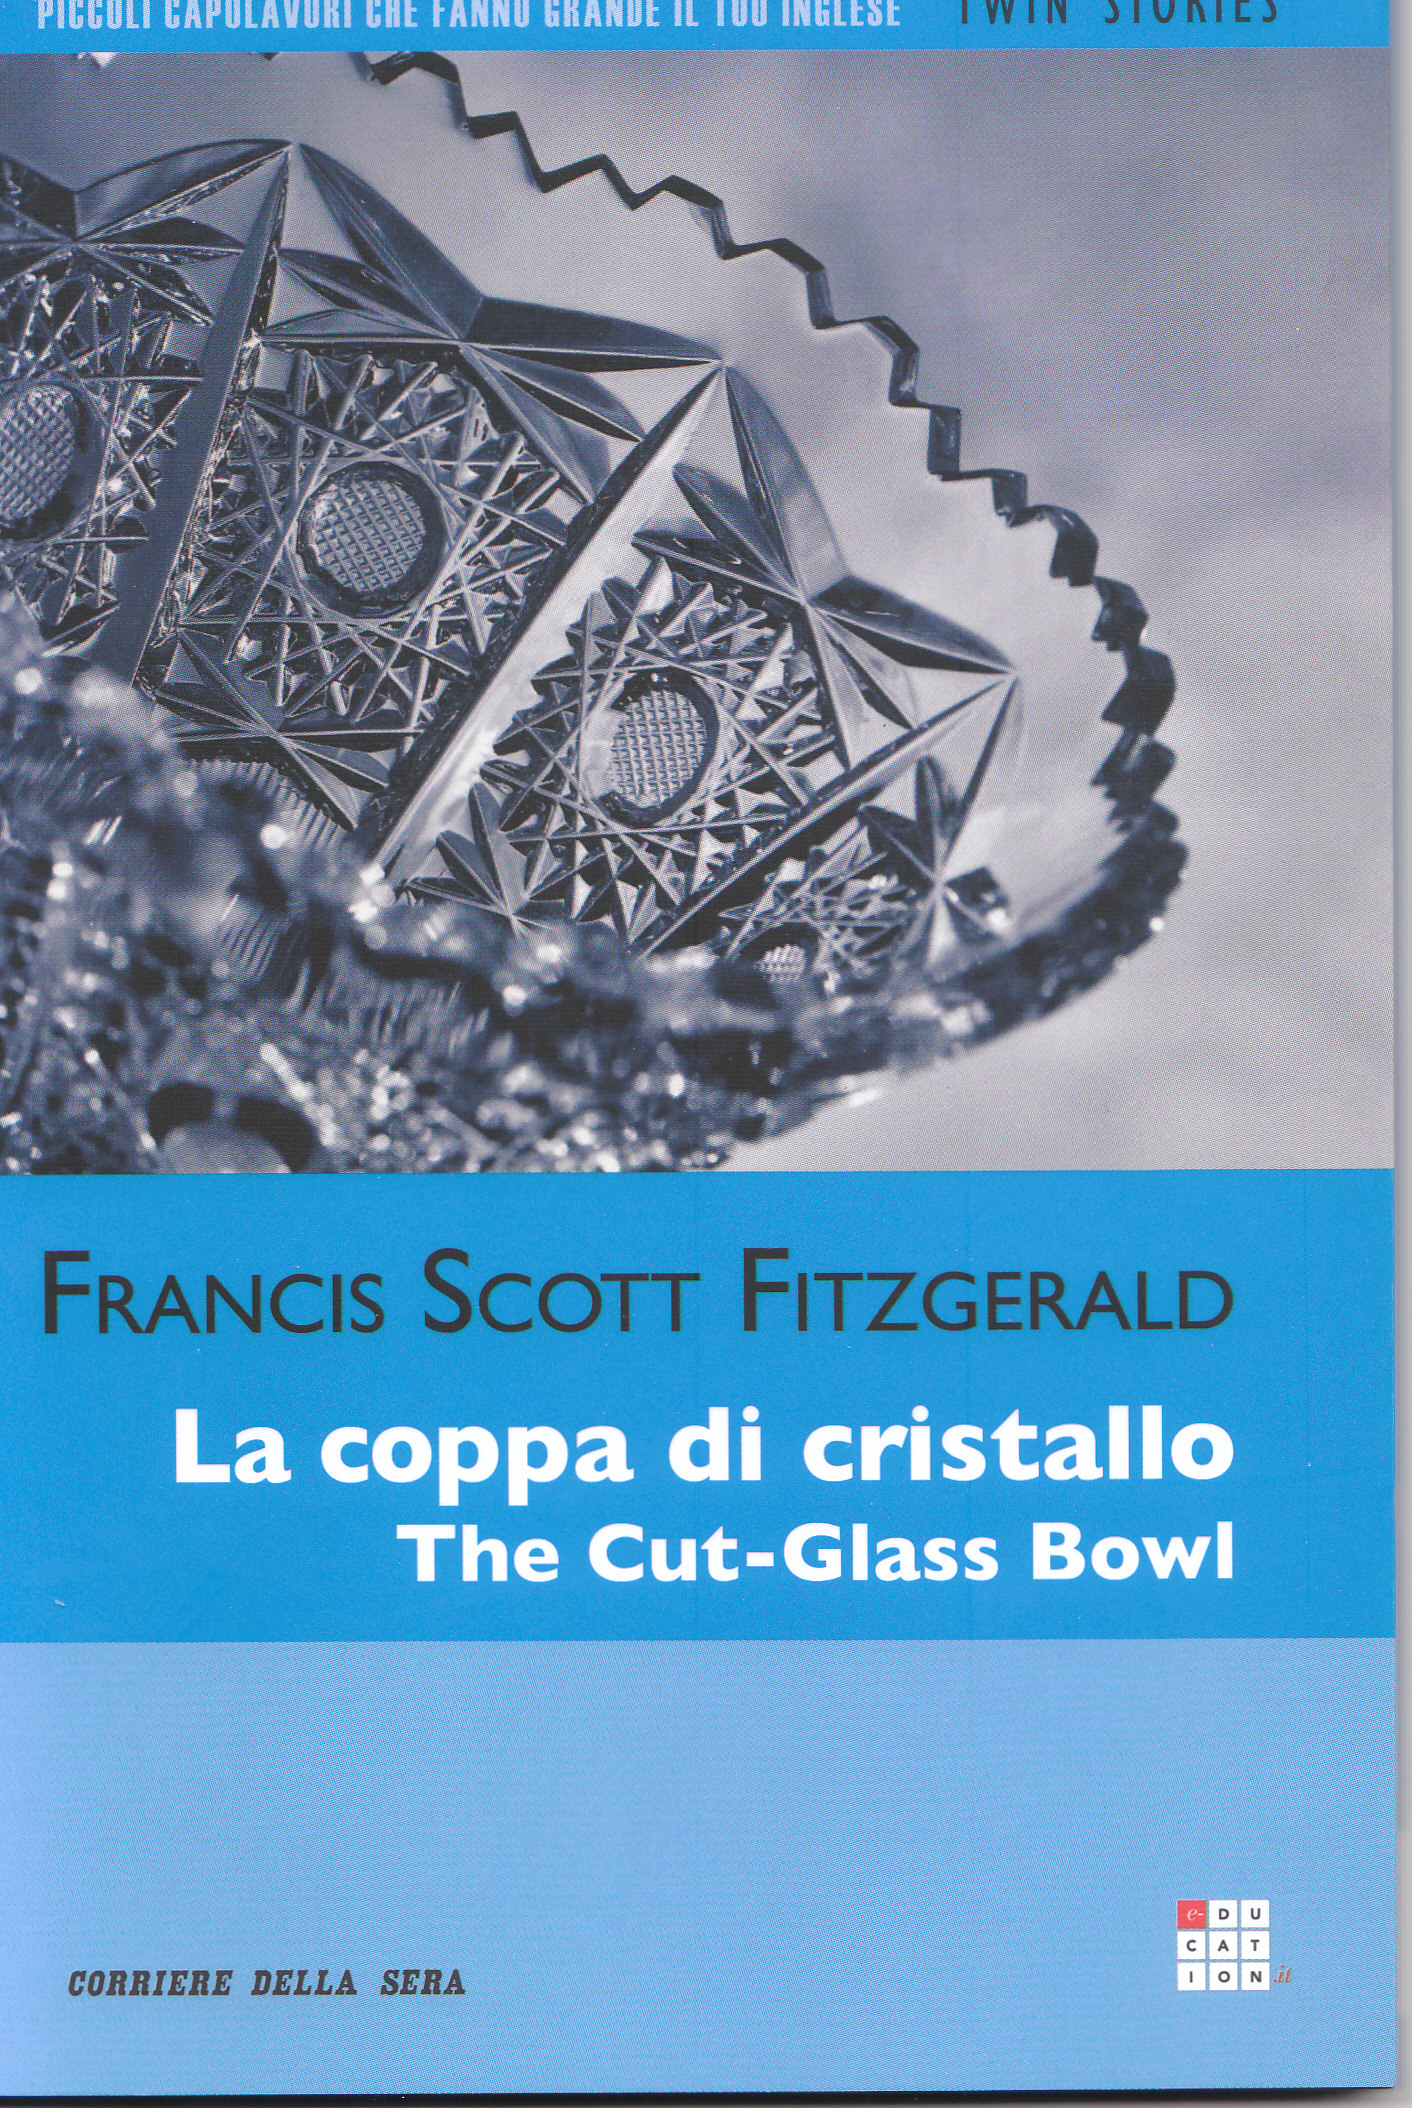 La coppa di cristallo/The Cut-Glass Bowl